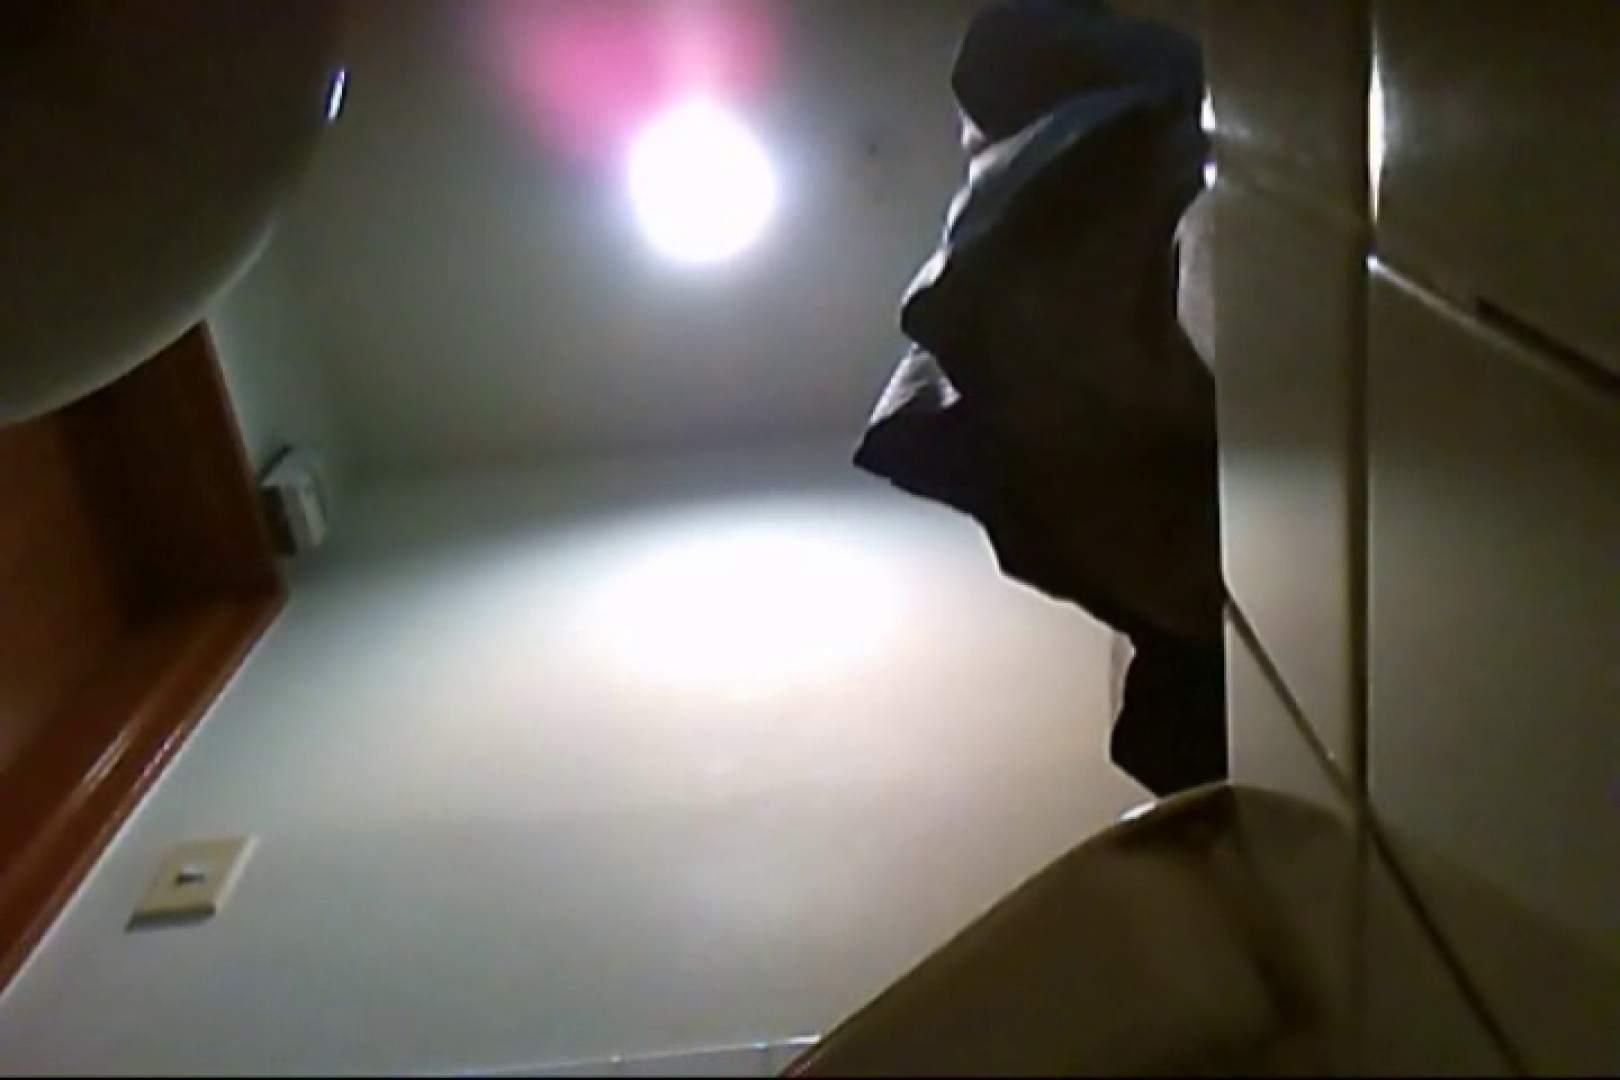 Gボーイ初投稿!掴み取りさんの洗面所覗き!in新幹線!VOL.16 完全無修正でお届け | おやじ熊系ボーイズ  77pic 42